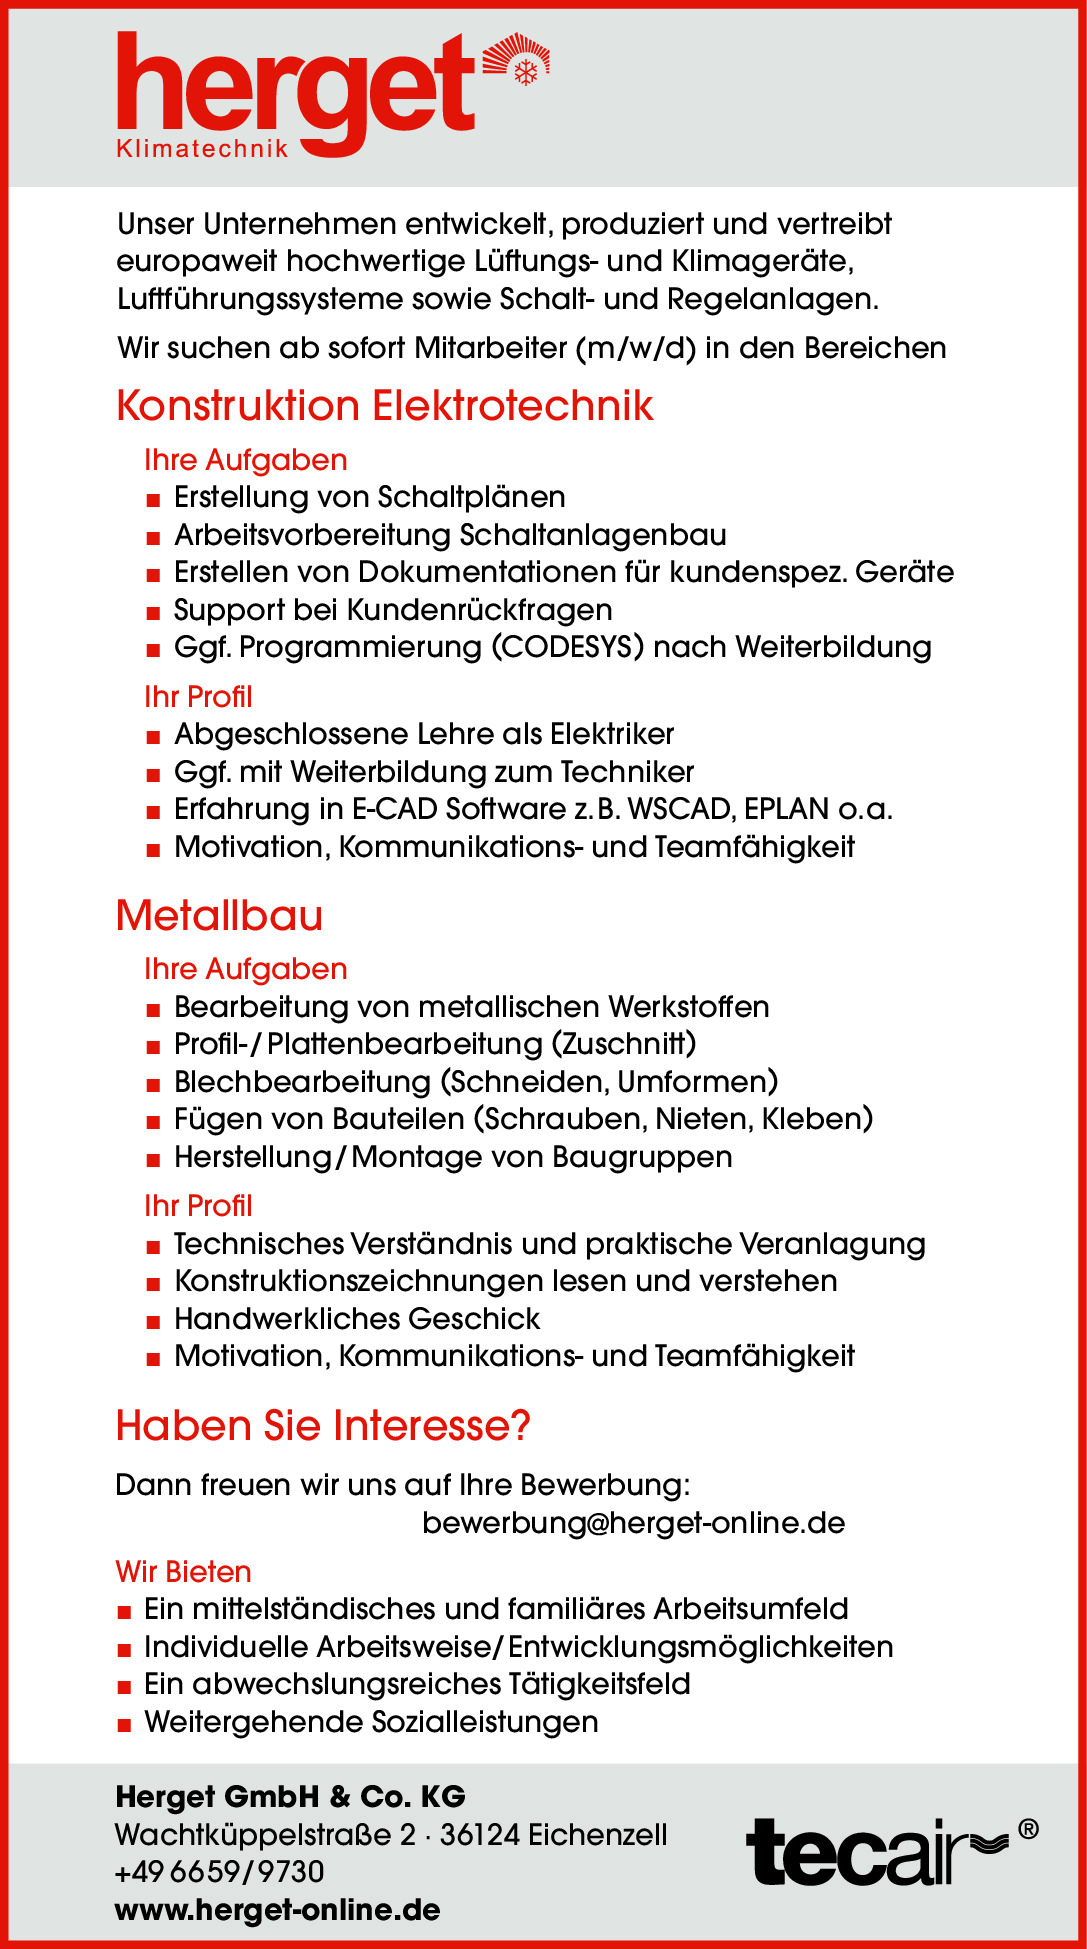 Herget GmbH stellt ein…